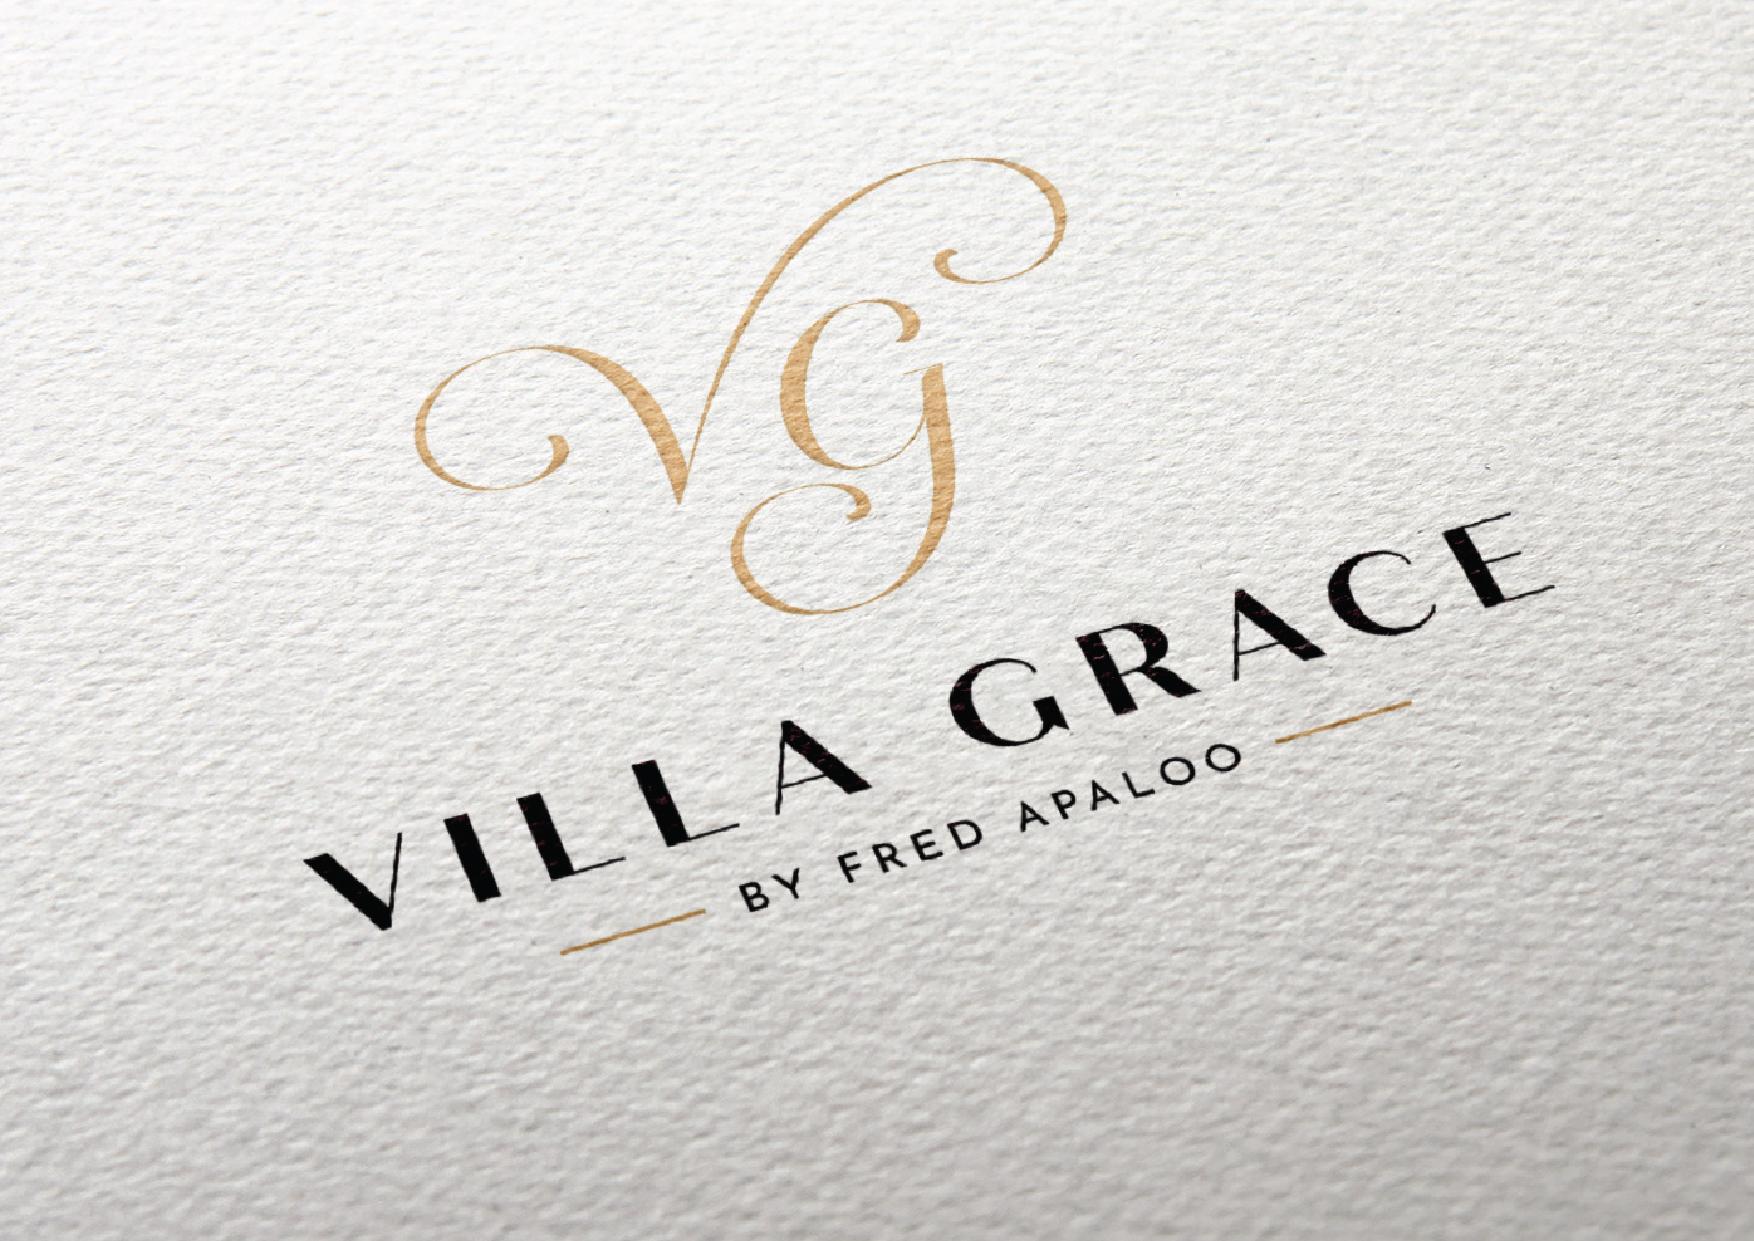 villagrace-branding-1-07